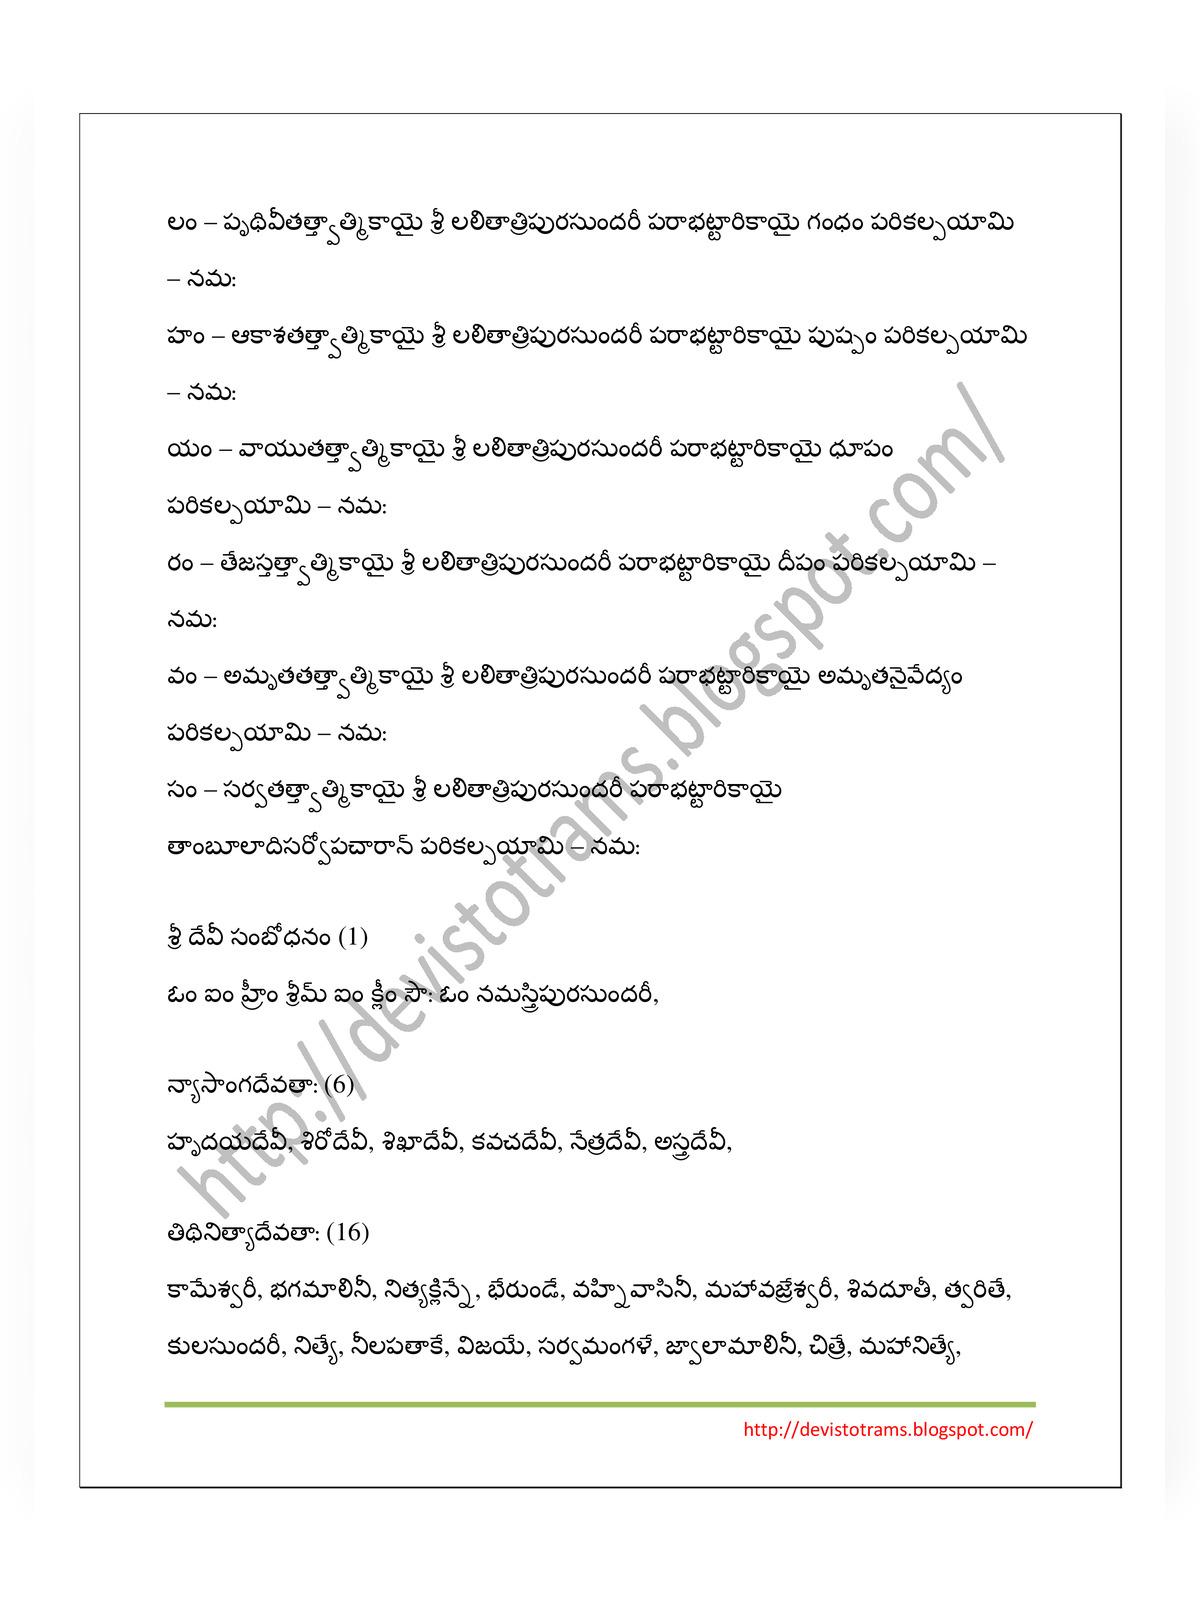 శ్రీ దేవీ ఖడ్గమాలా స్తోత్రం | Sri Devi Khadgamala Stotram pdf